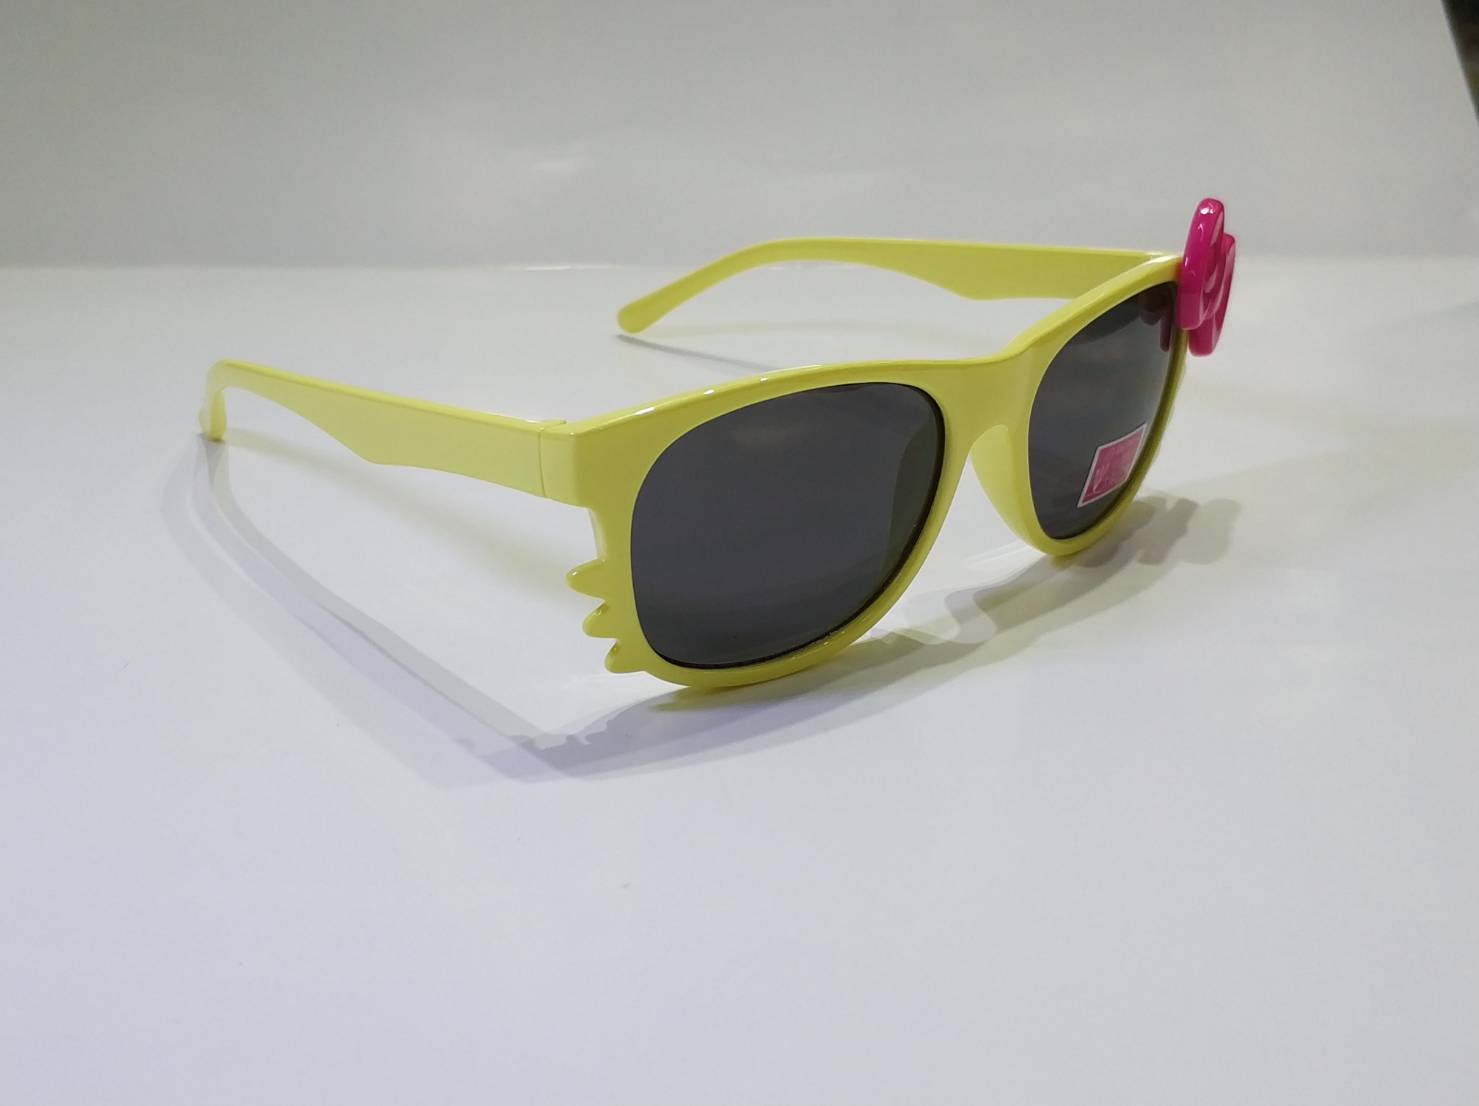 喵喵 貓咪 造型 兒童鏡框 太陽眼鏡 蝴蝶結 可愛造型太陽眼鏡  兒童眼鏡   購買此商品眼鏡布可以另加購價優惠只要1元